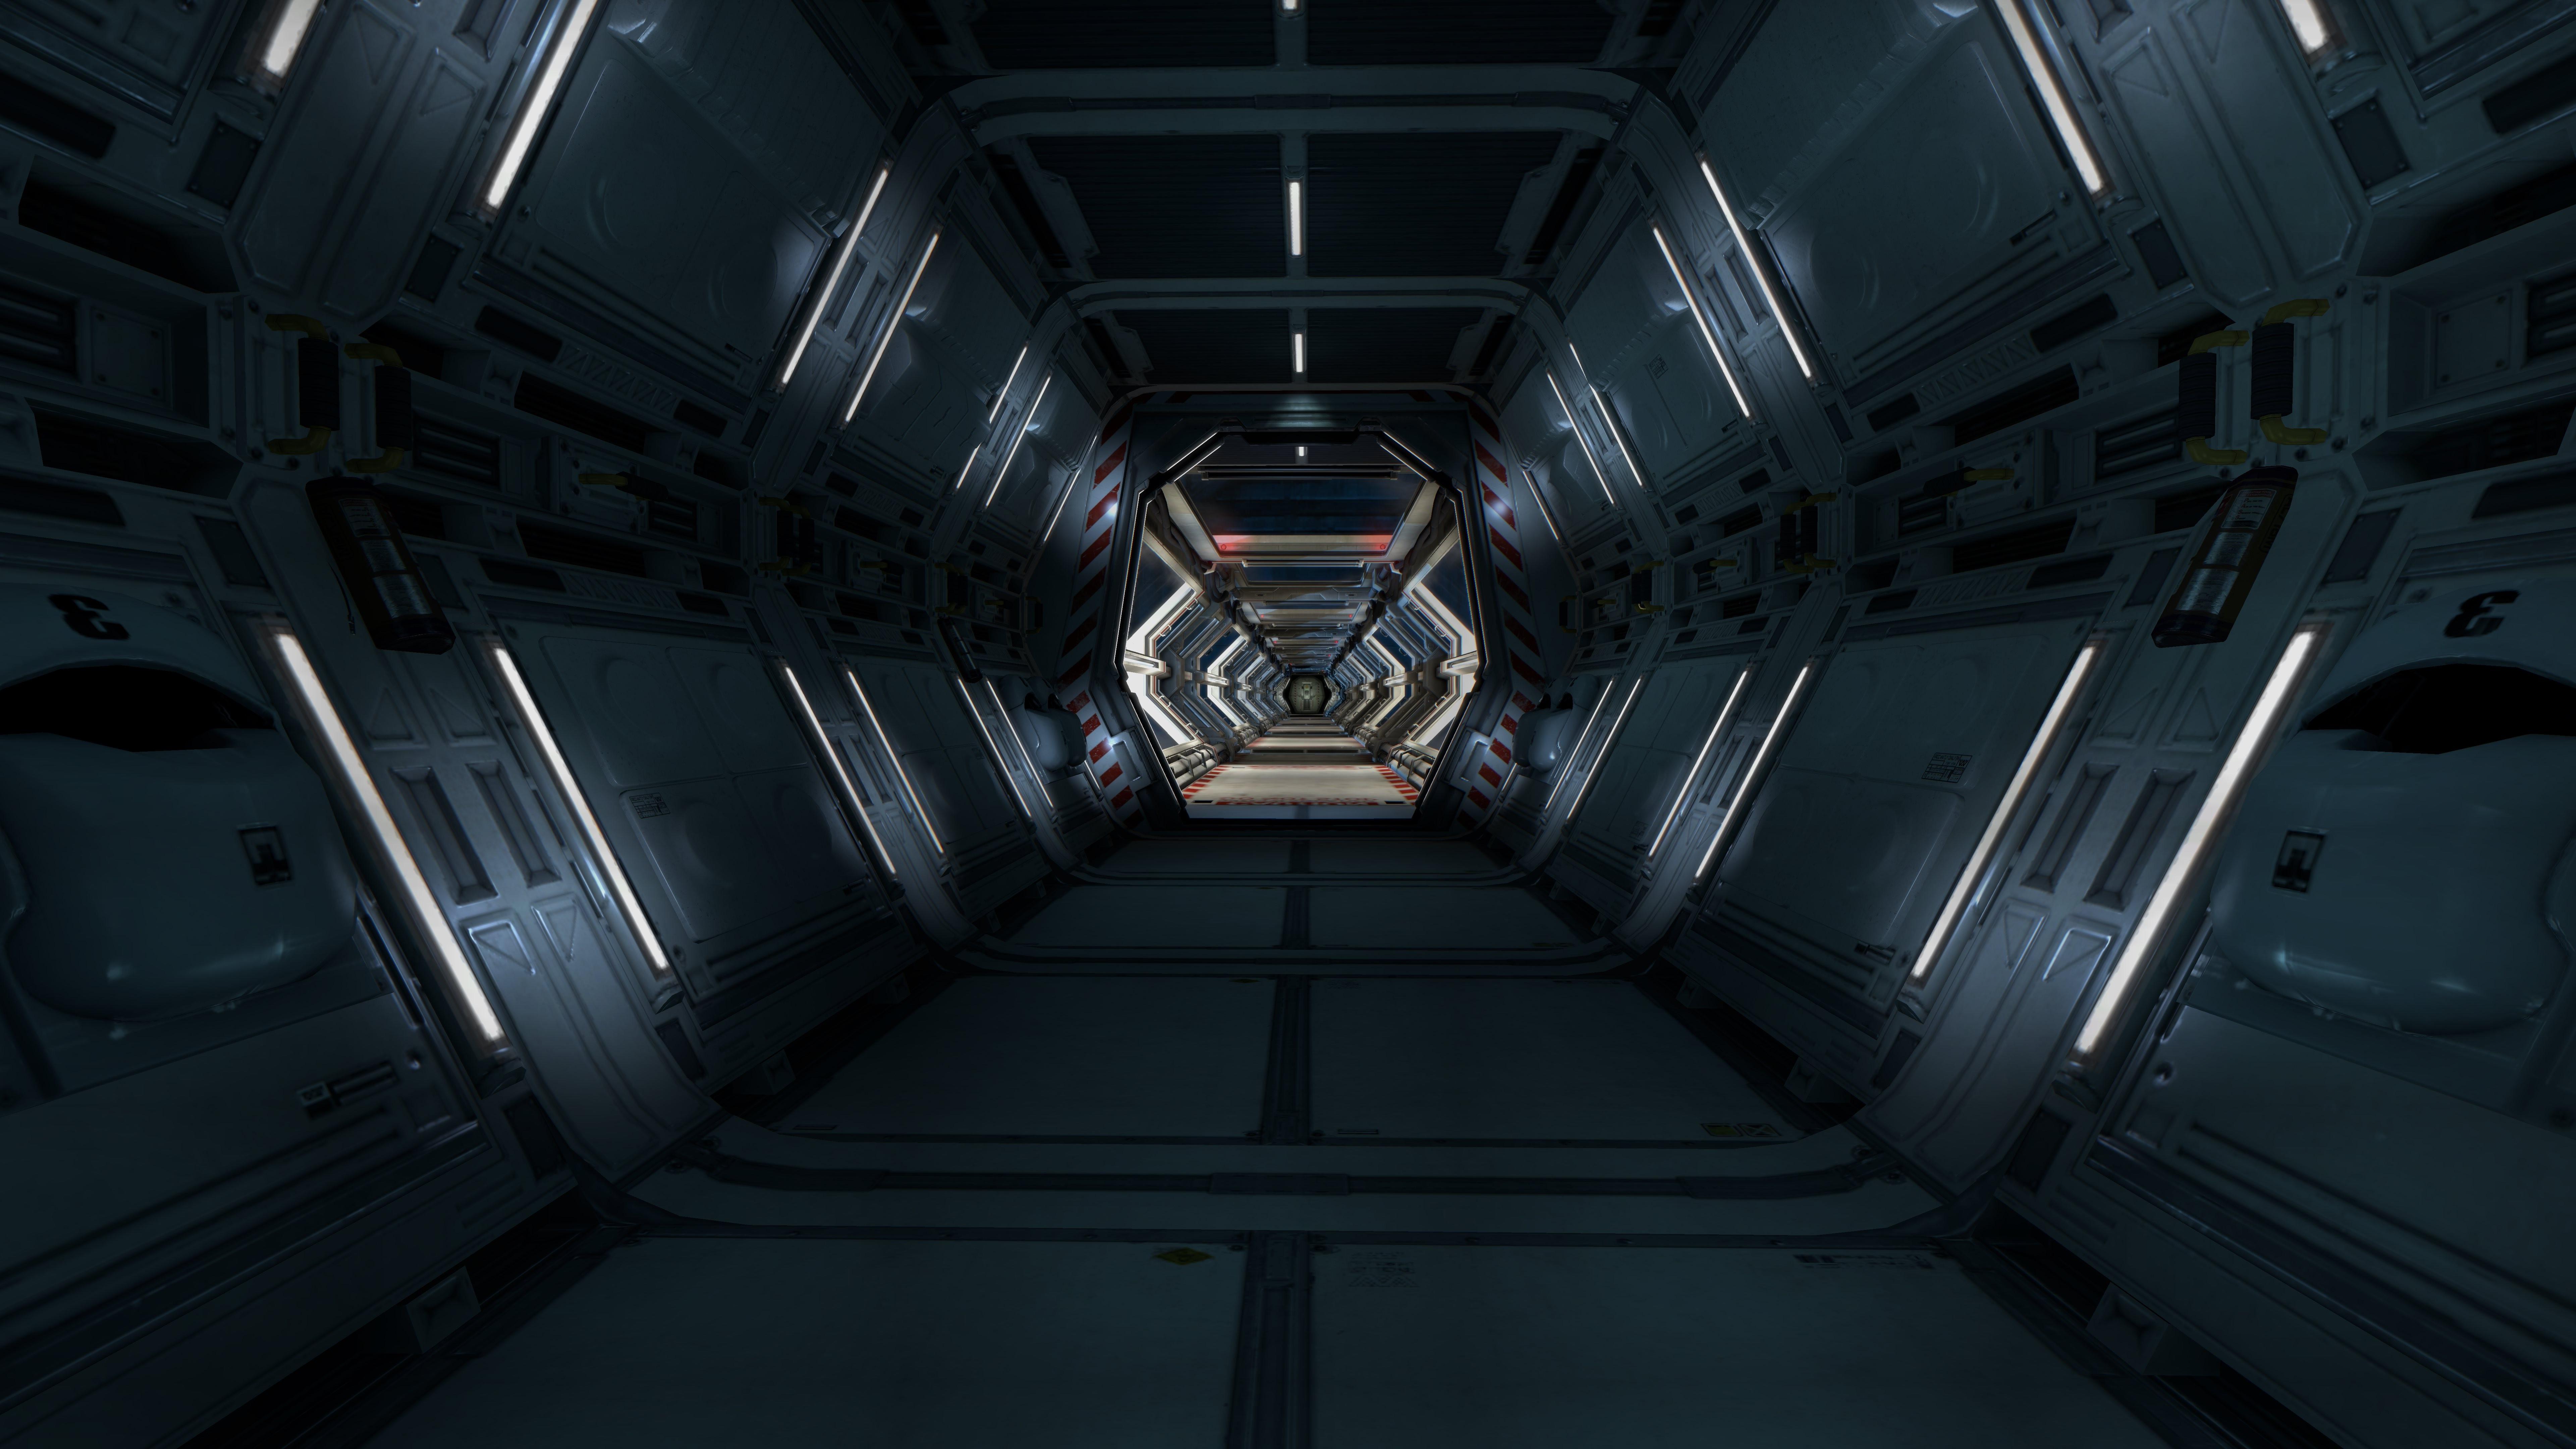 внутри инопланетного корабля картинки свою очередь